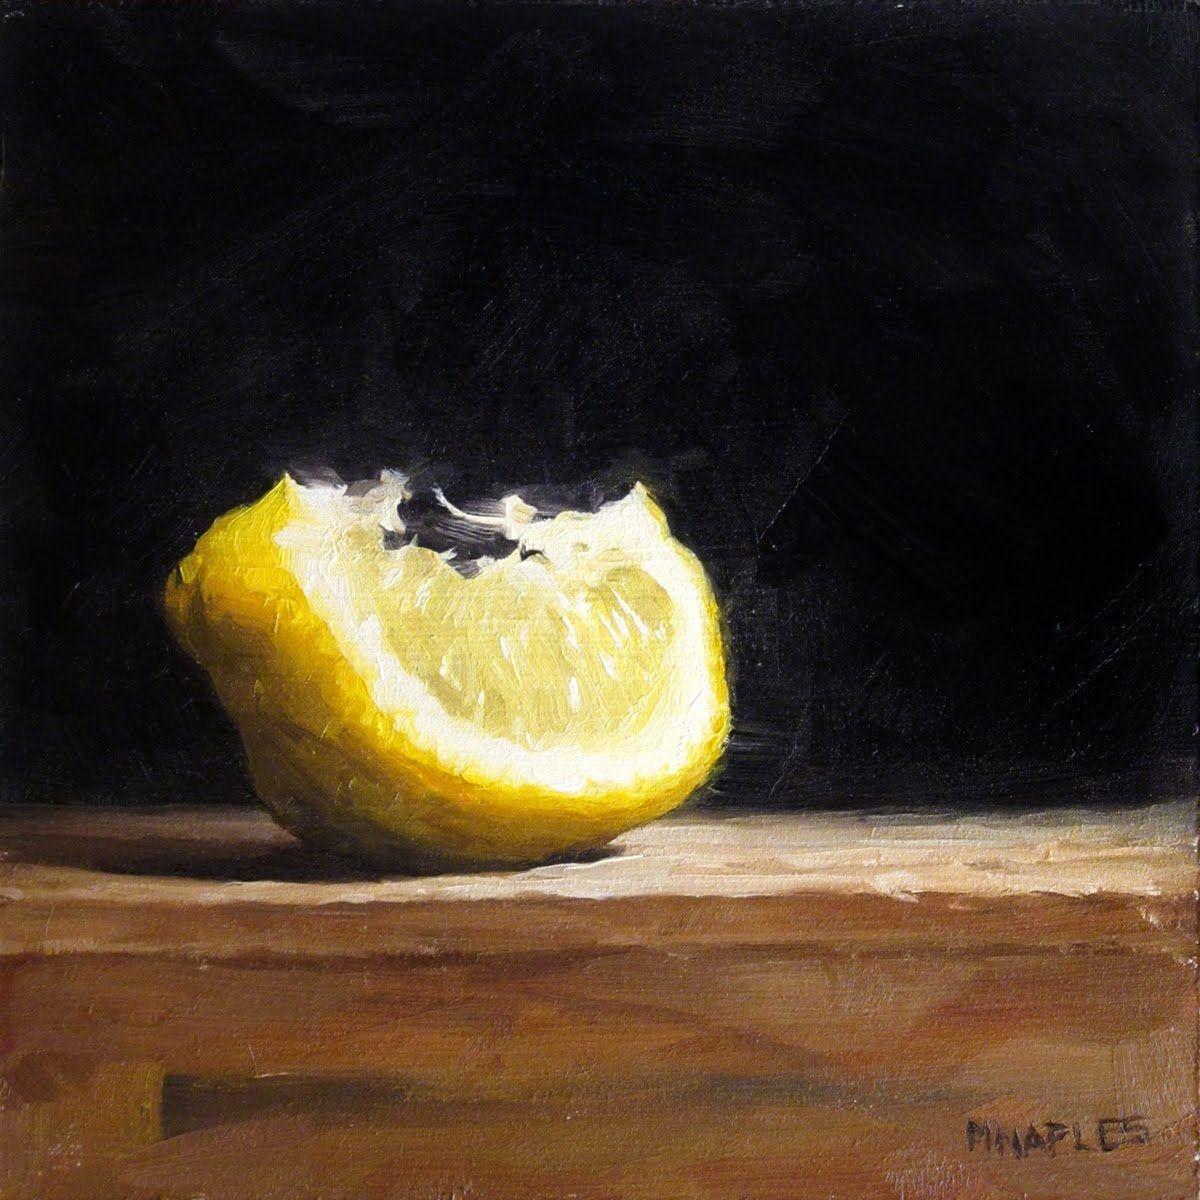 MICHAEL NAPLES: Lit Up Lemon Wedge | Art in 2019 | Art ...